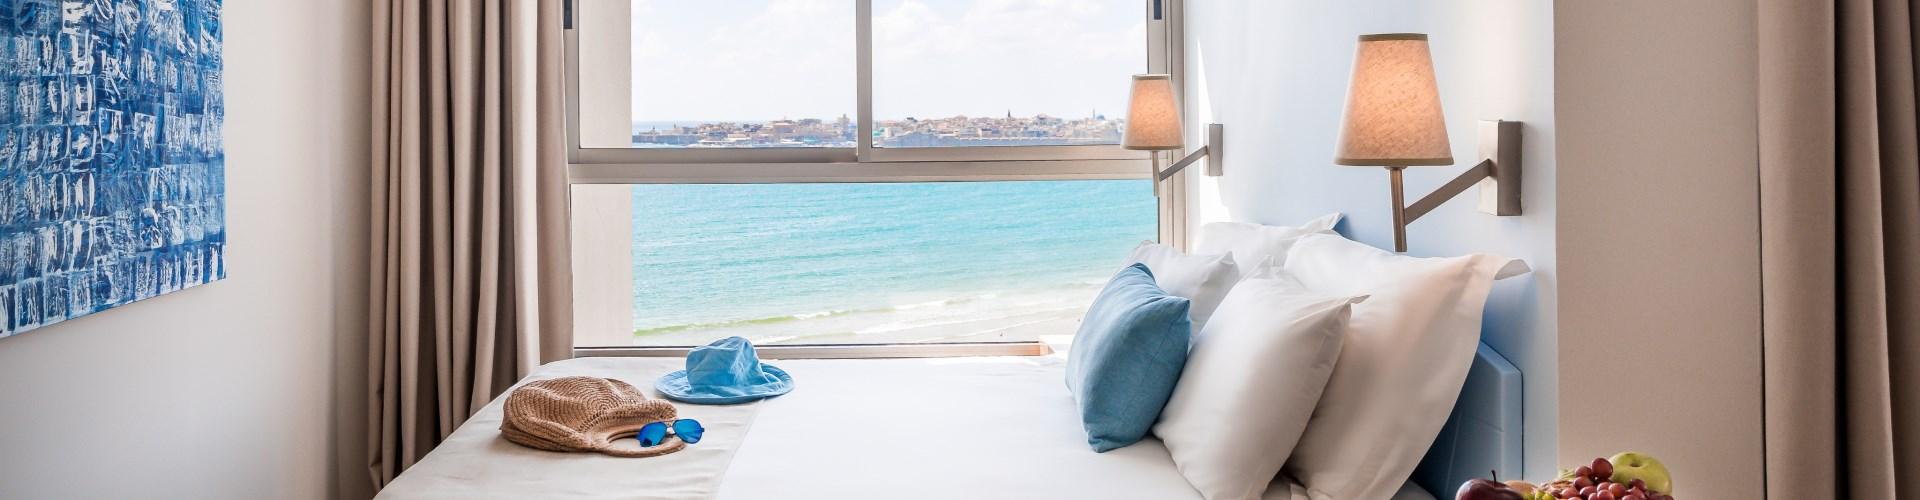 חדרים במלון חוף התמרים